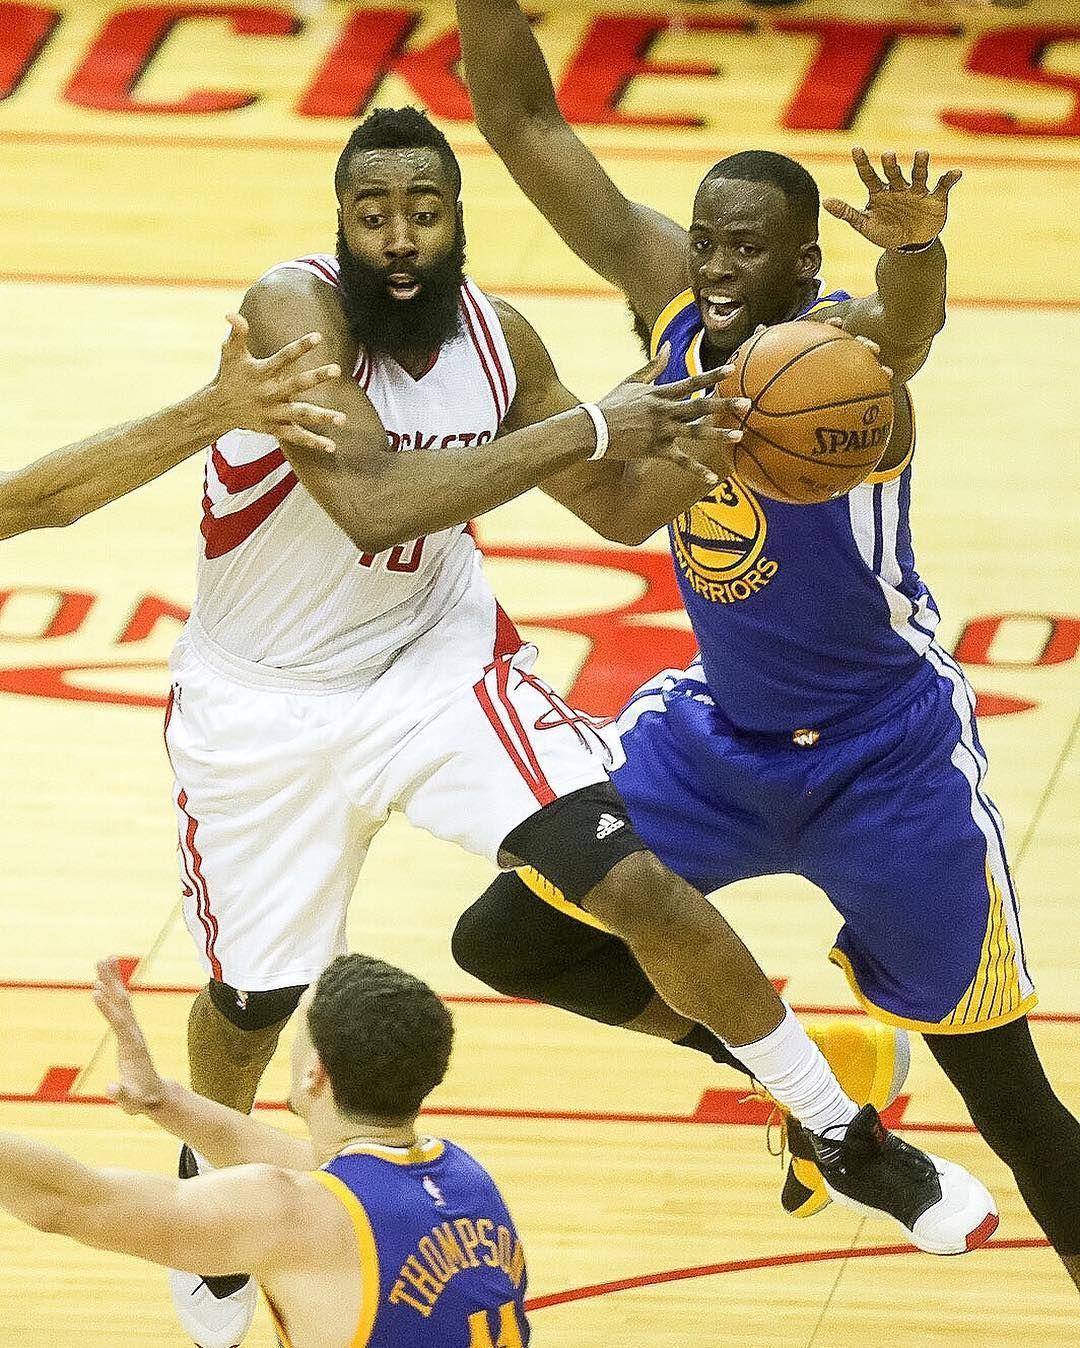 a0879e1a10d4 James Harden battles against Warriors guard Shaun Livingston in the final. James  HardenHouston RocketsGolden State Warriors